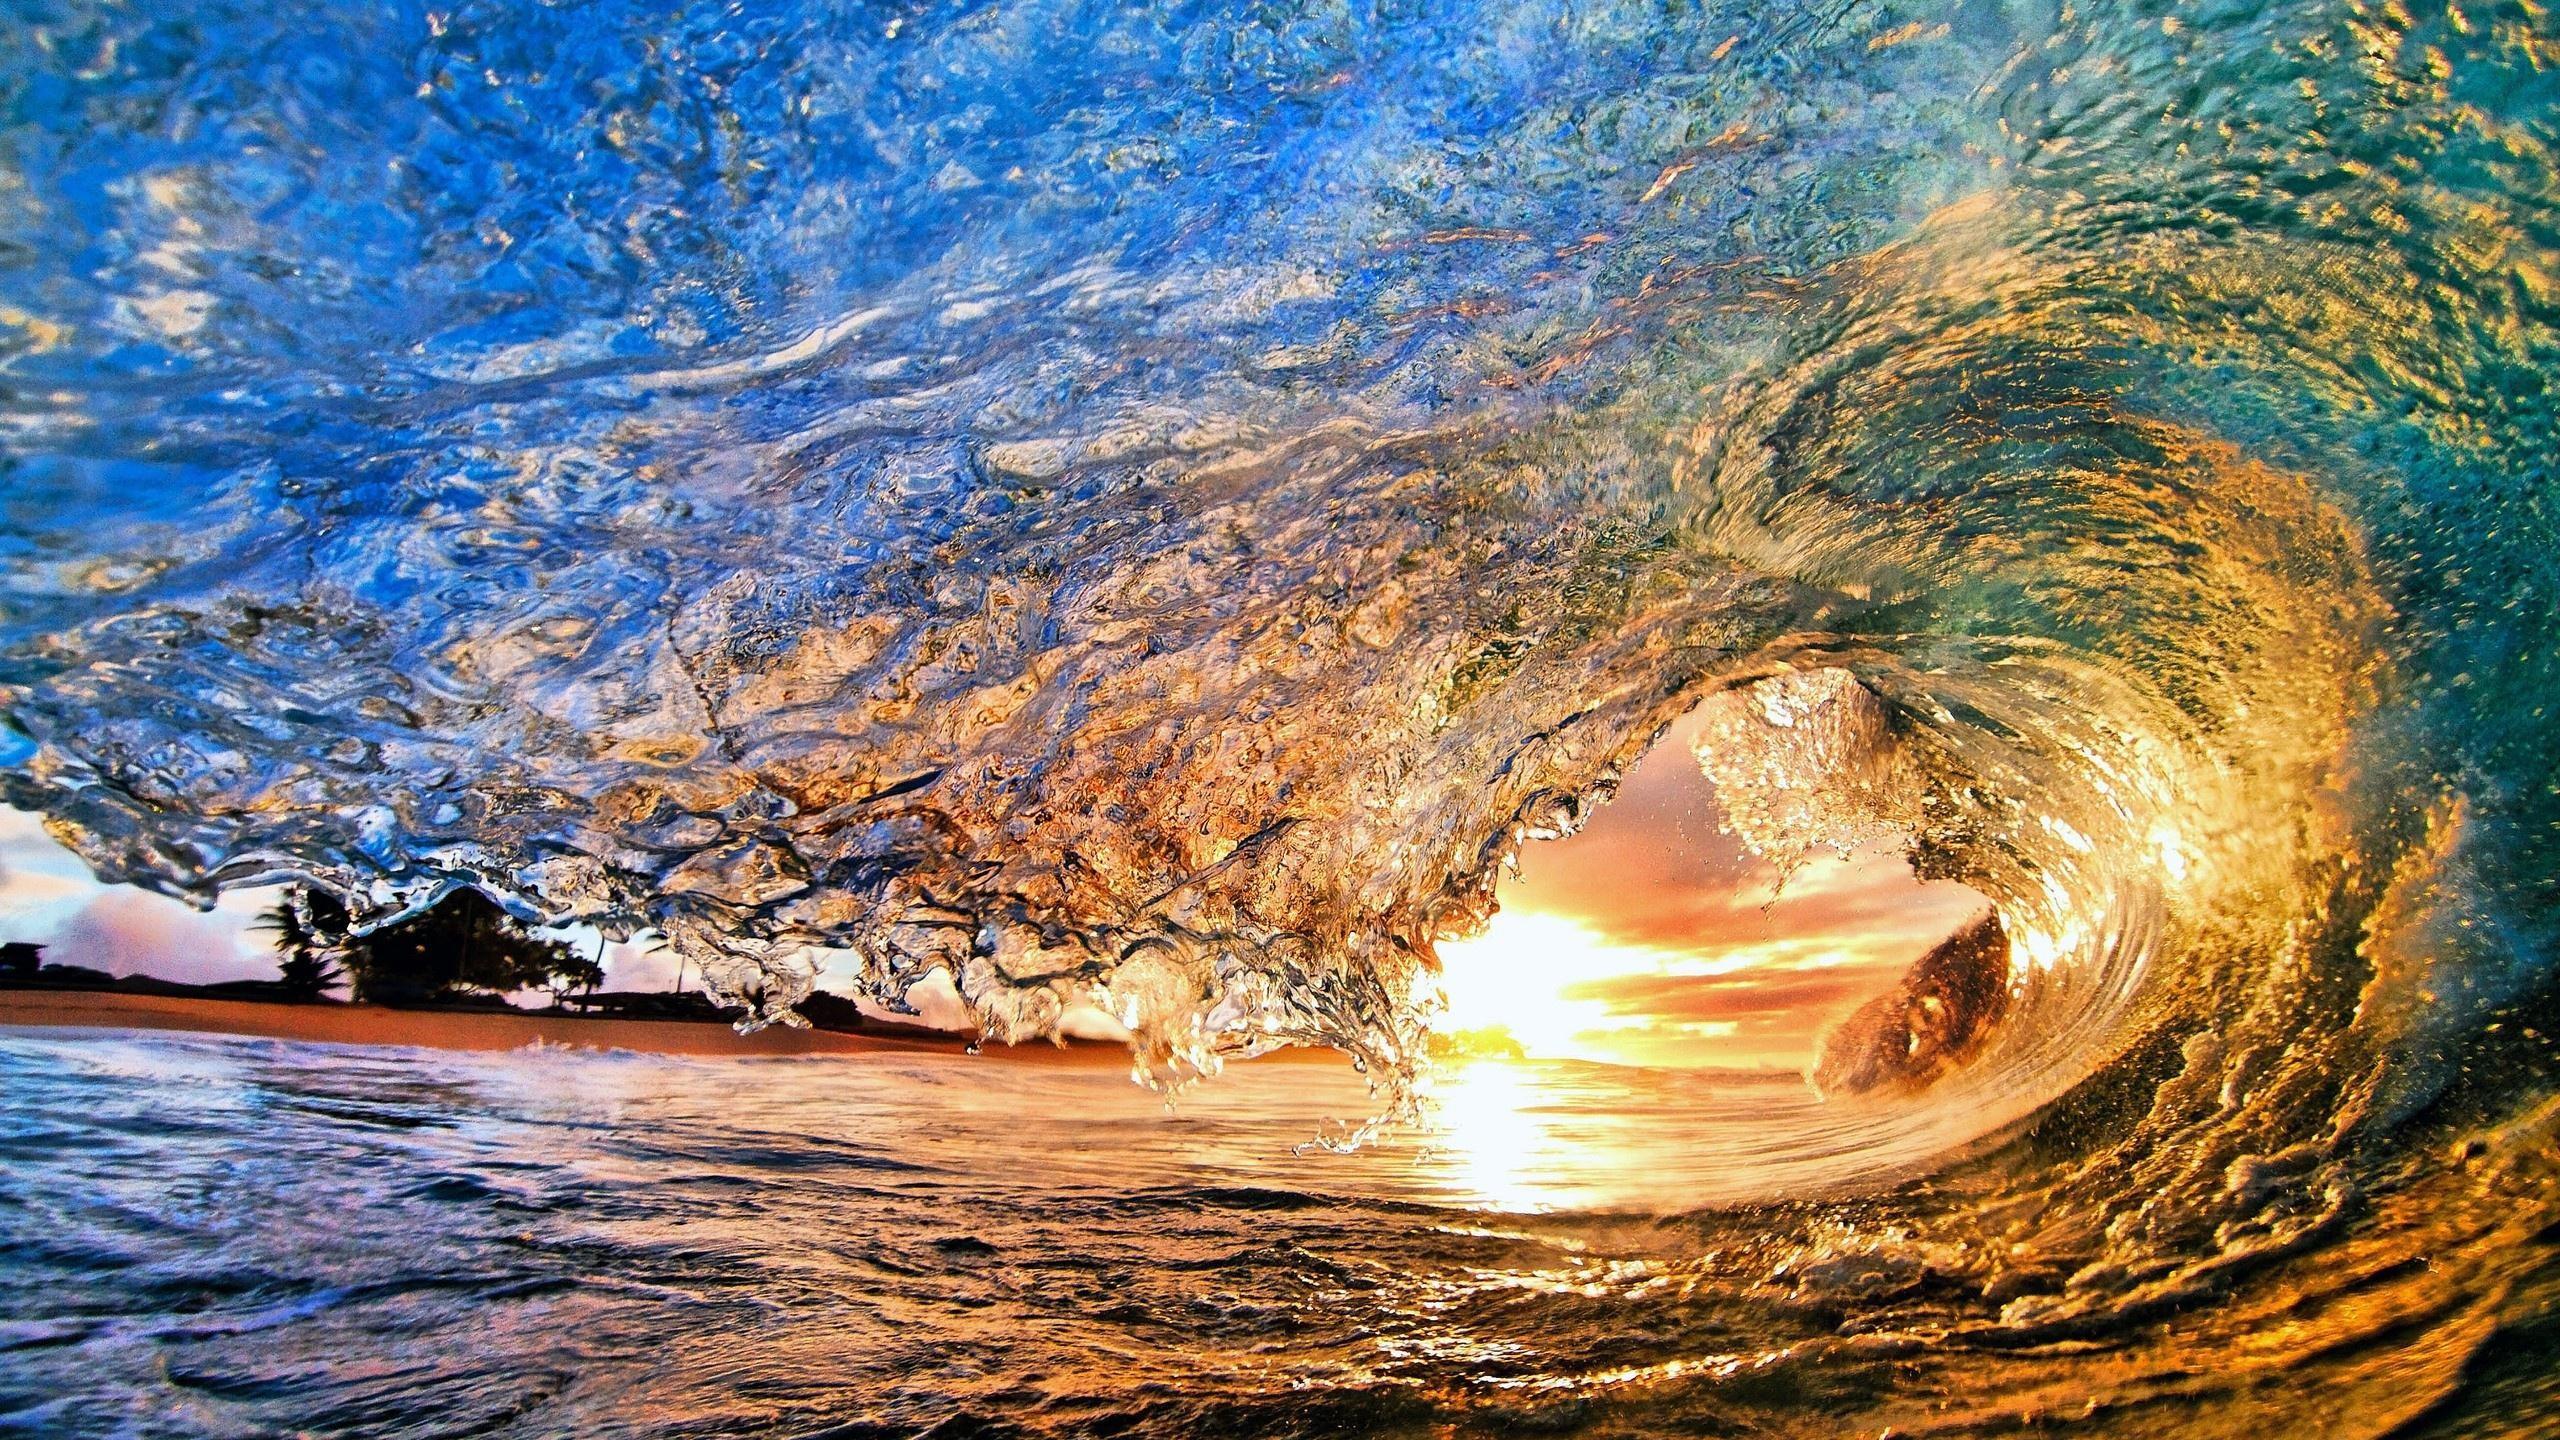 Hawaiian Wallpaper 48 Pictures